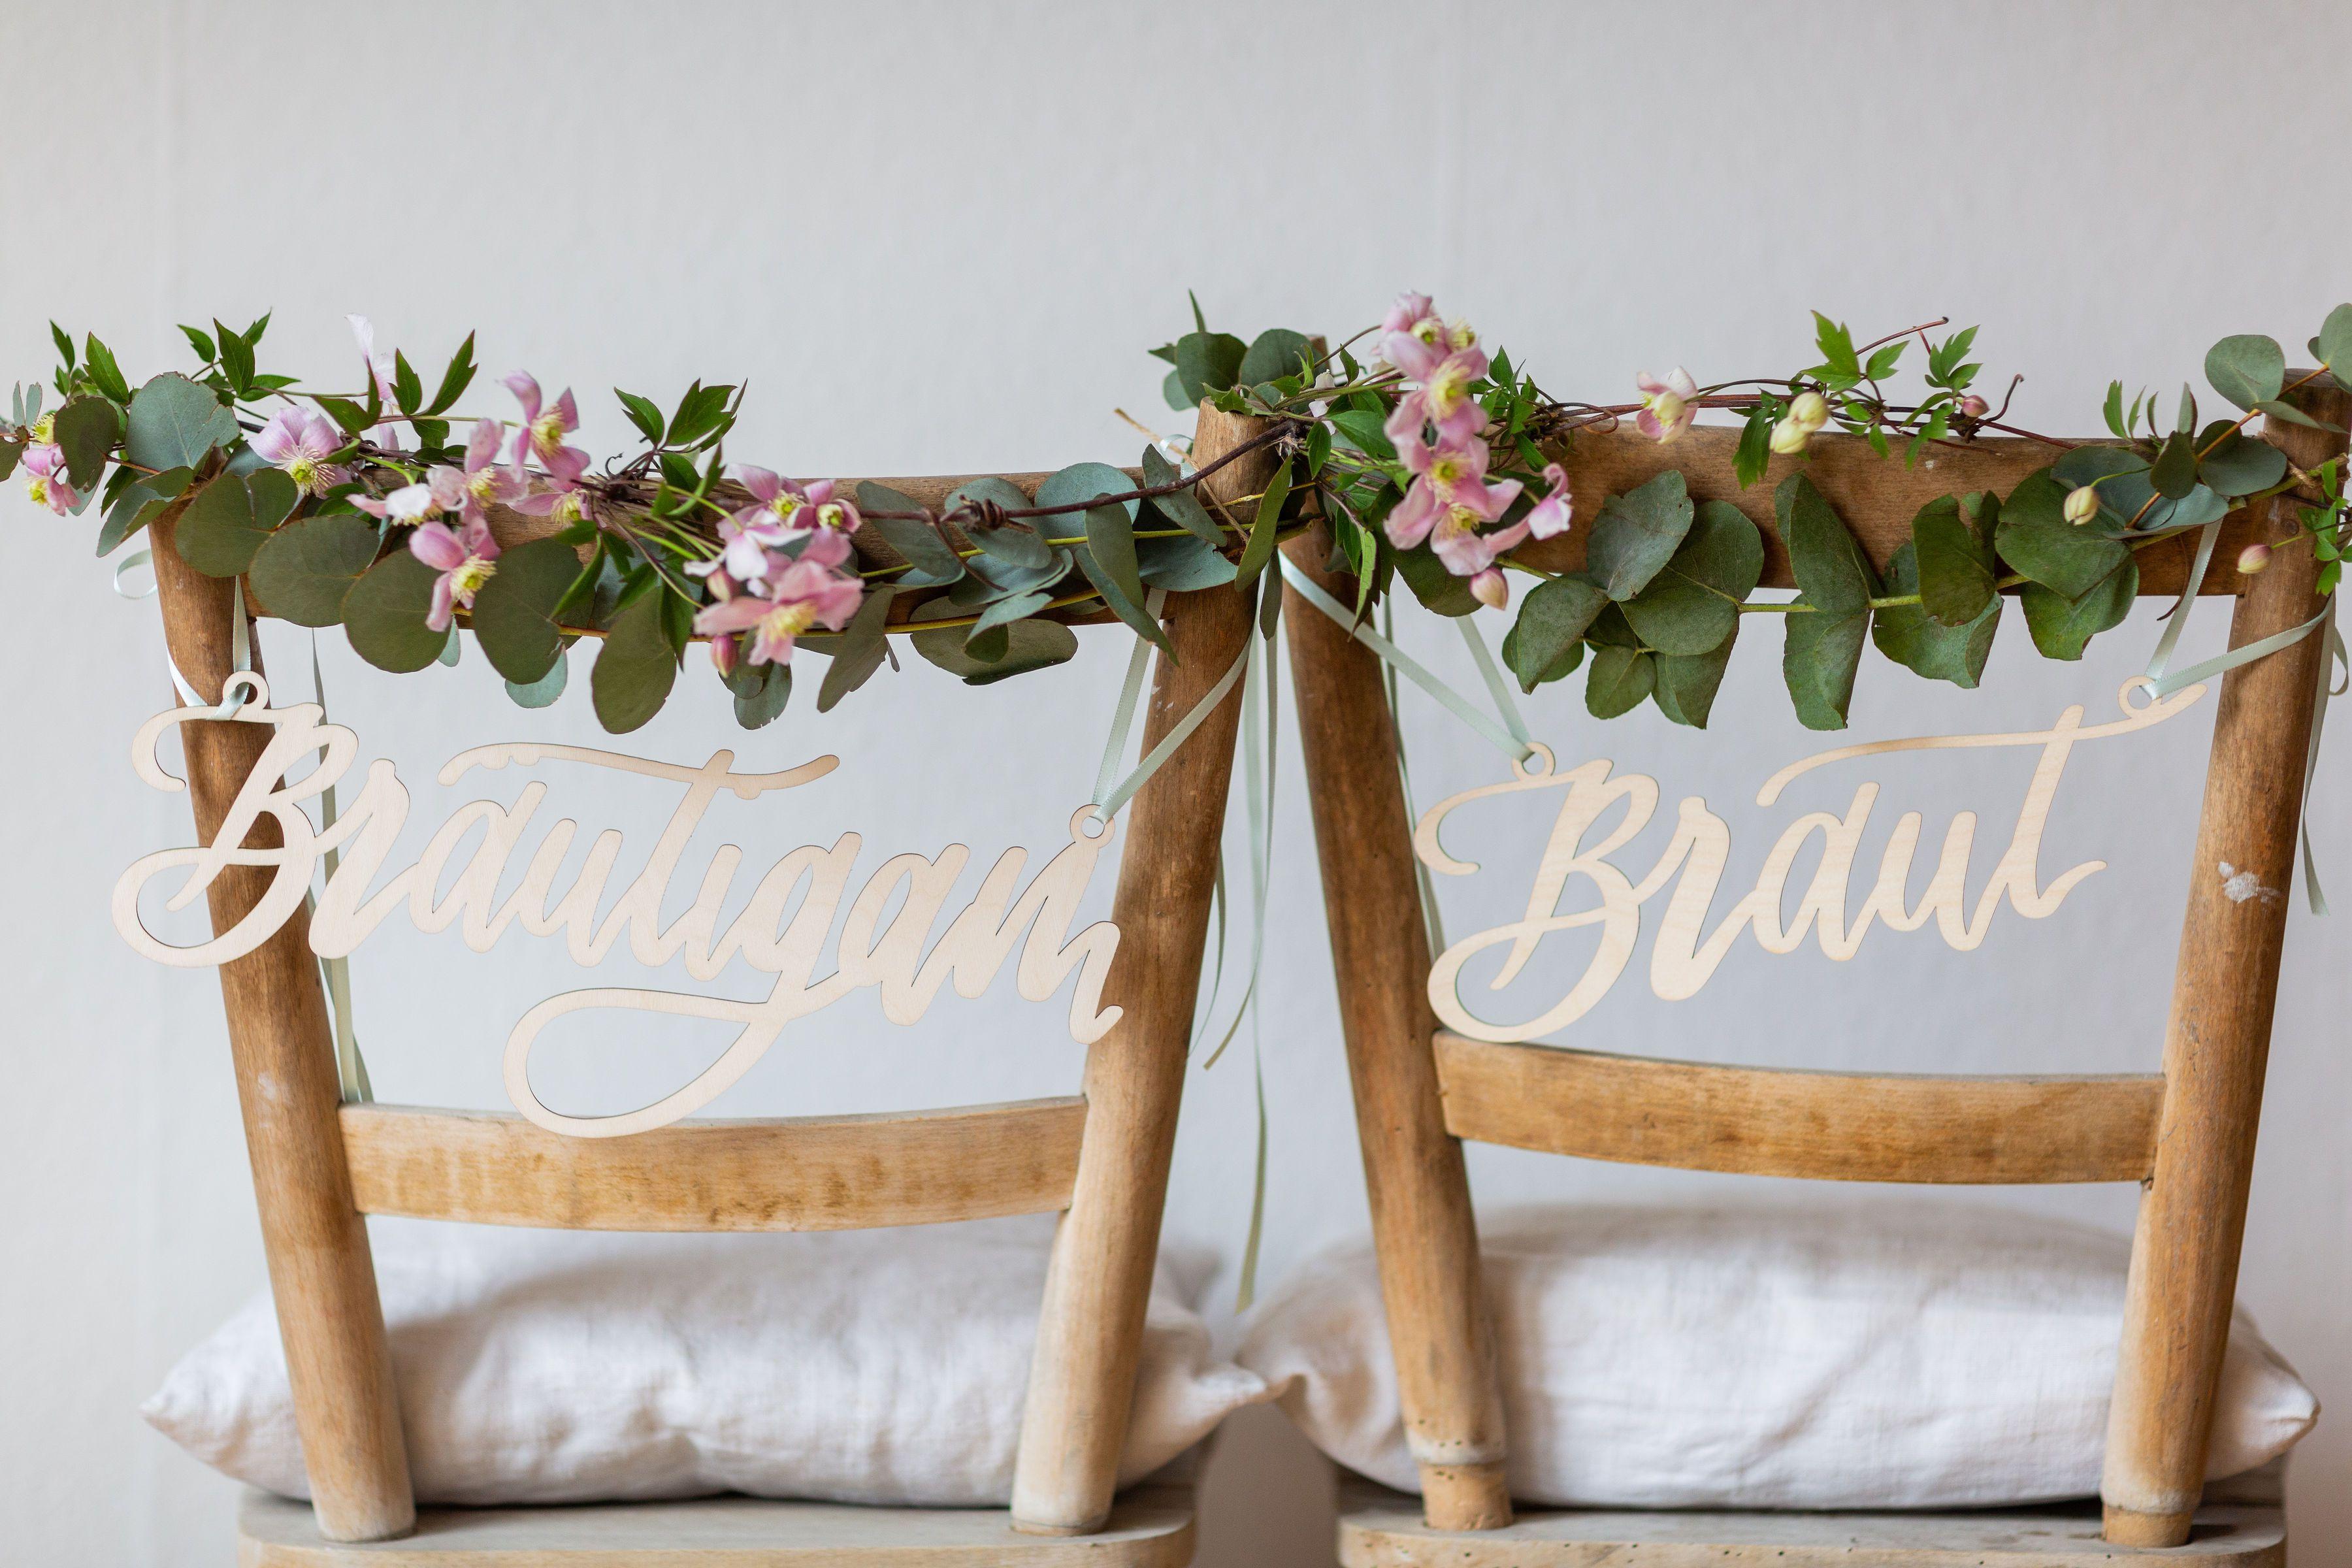 Stuhlschilder Braut Bräutigam für Hochzeit › Hochzeitsdekoration - The Little Wedding Corner Shop